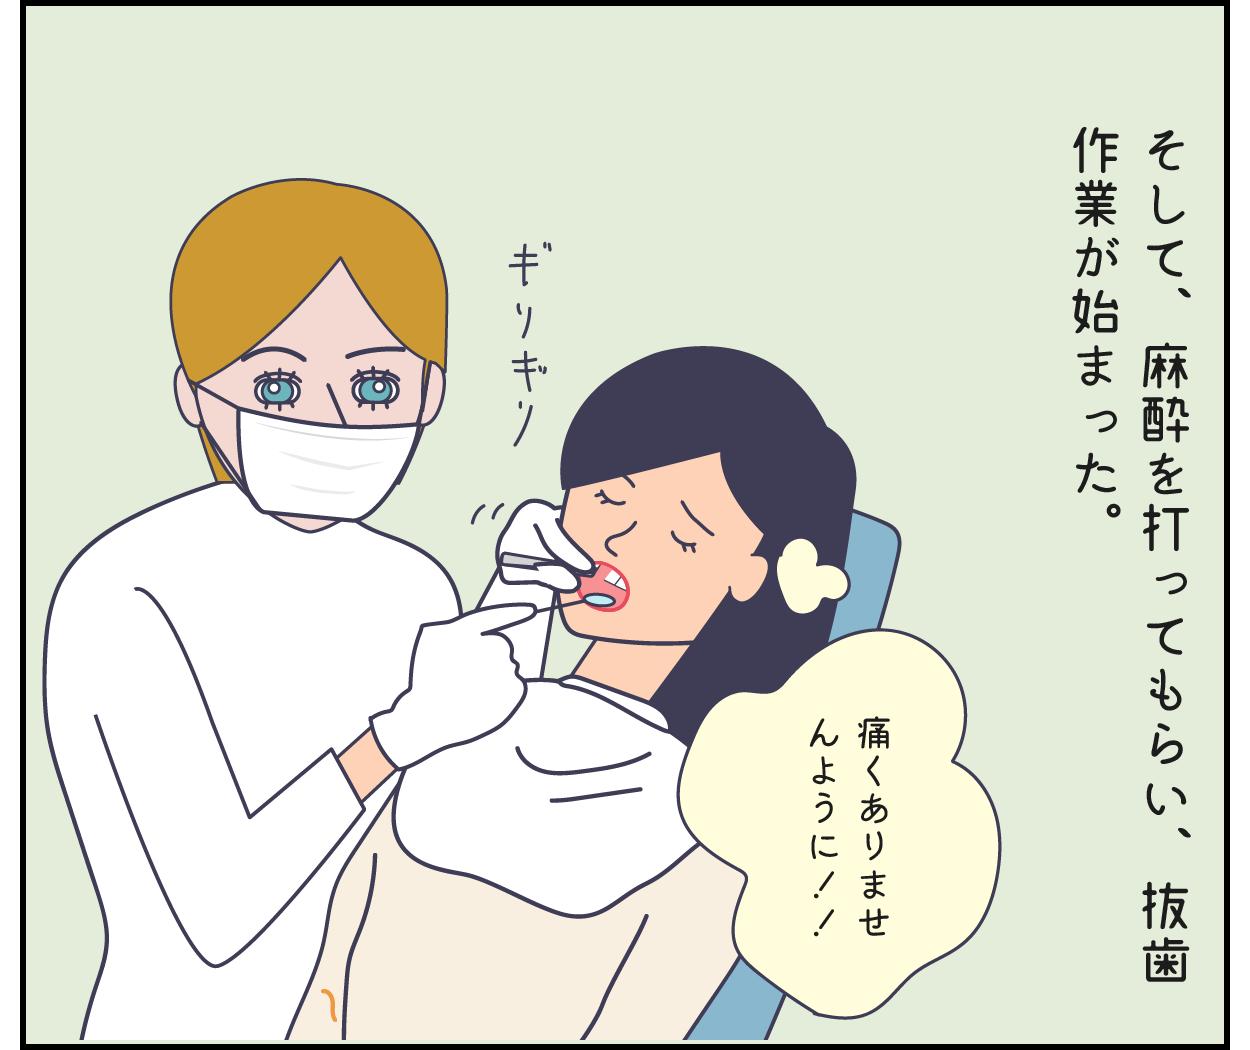 イギリス 歯医者 抜歯